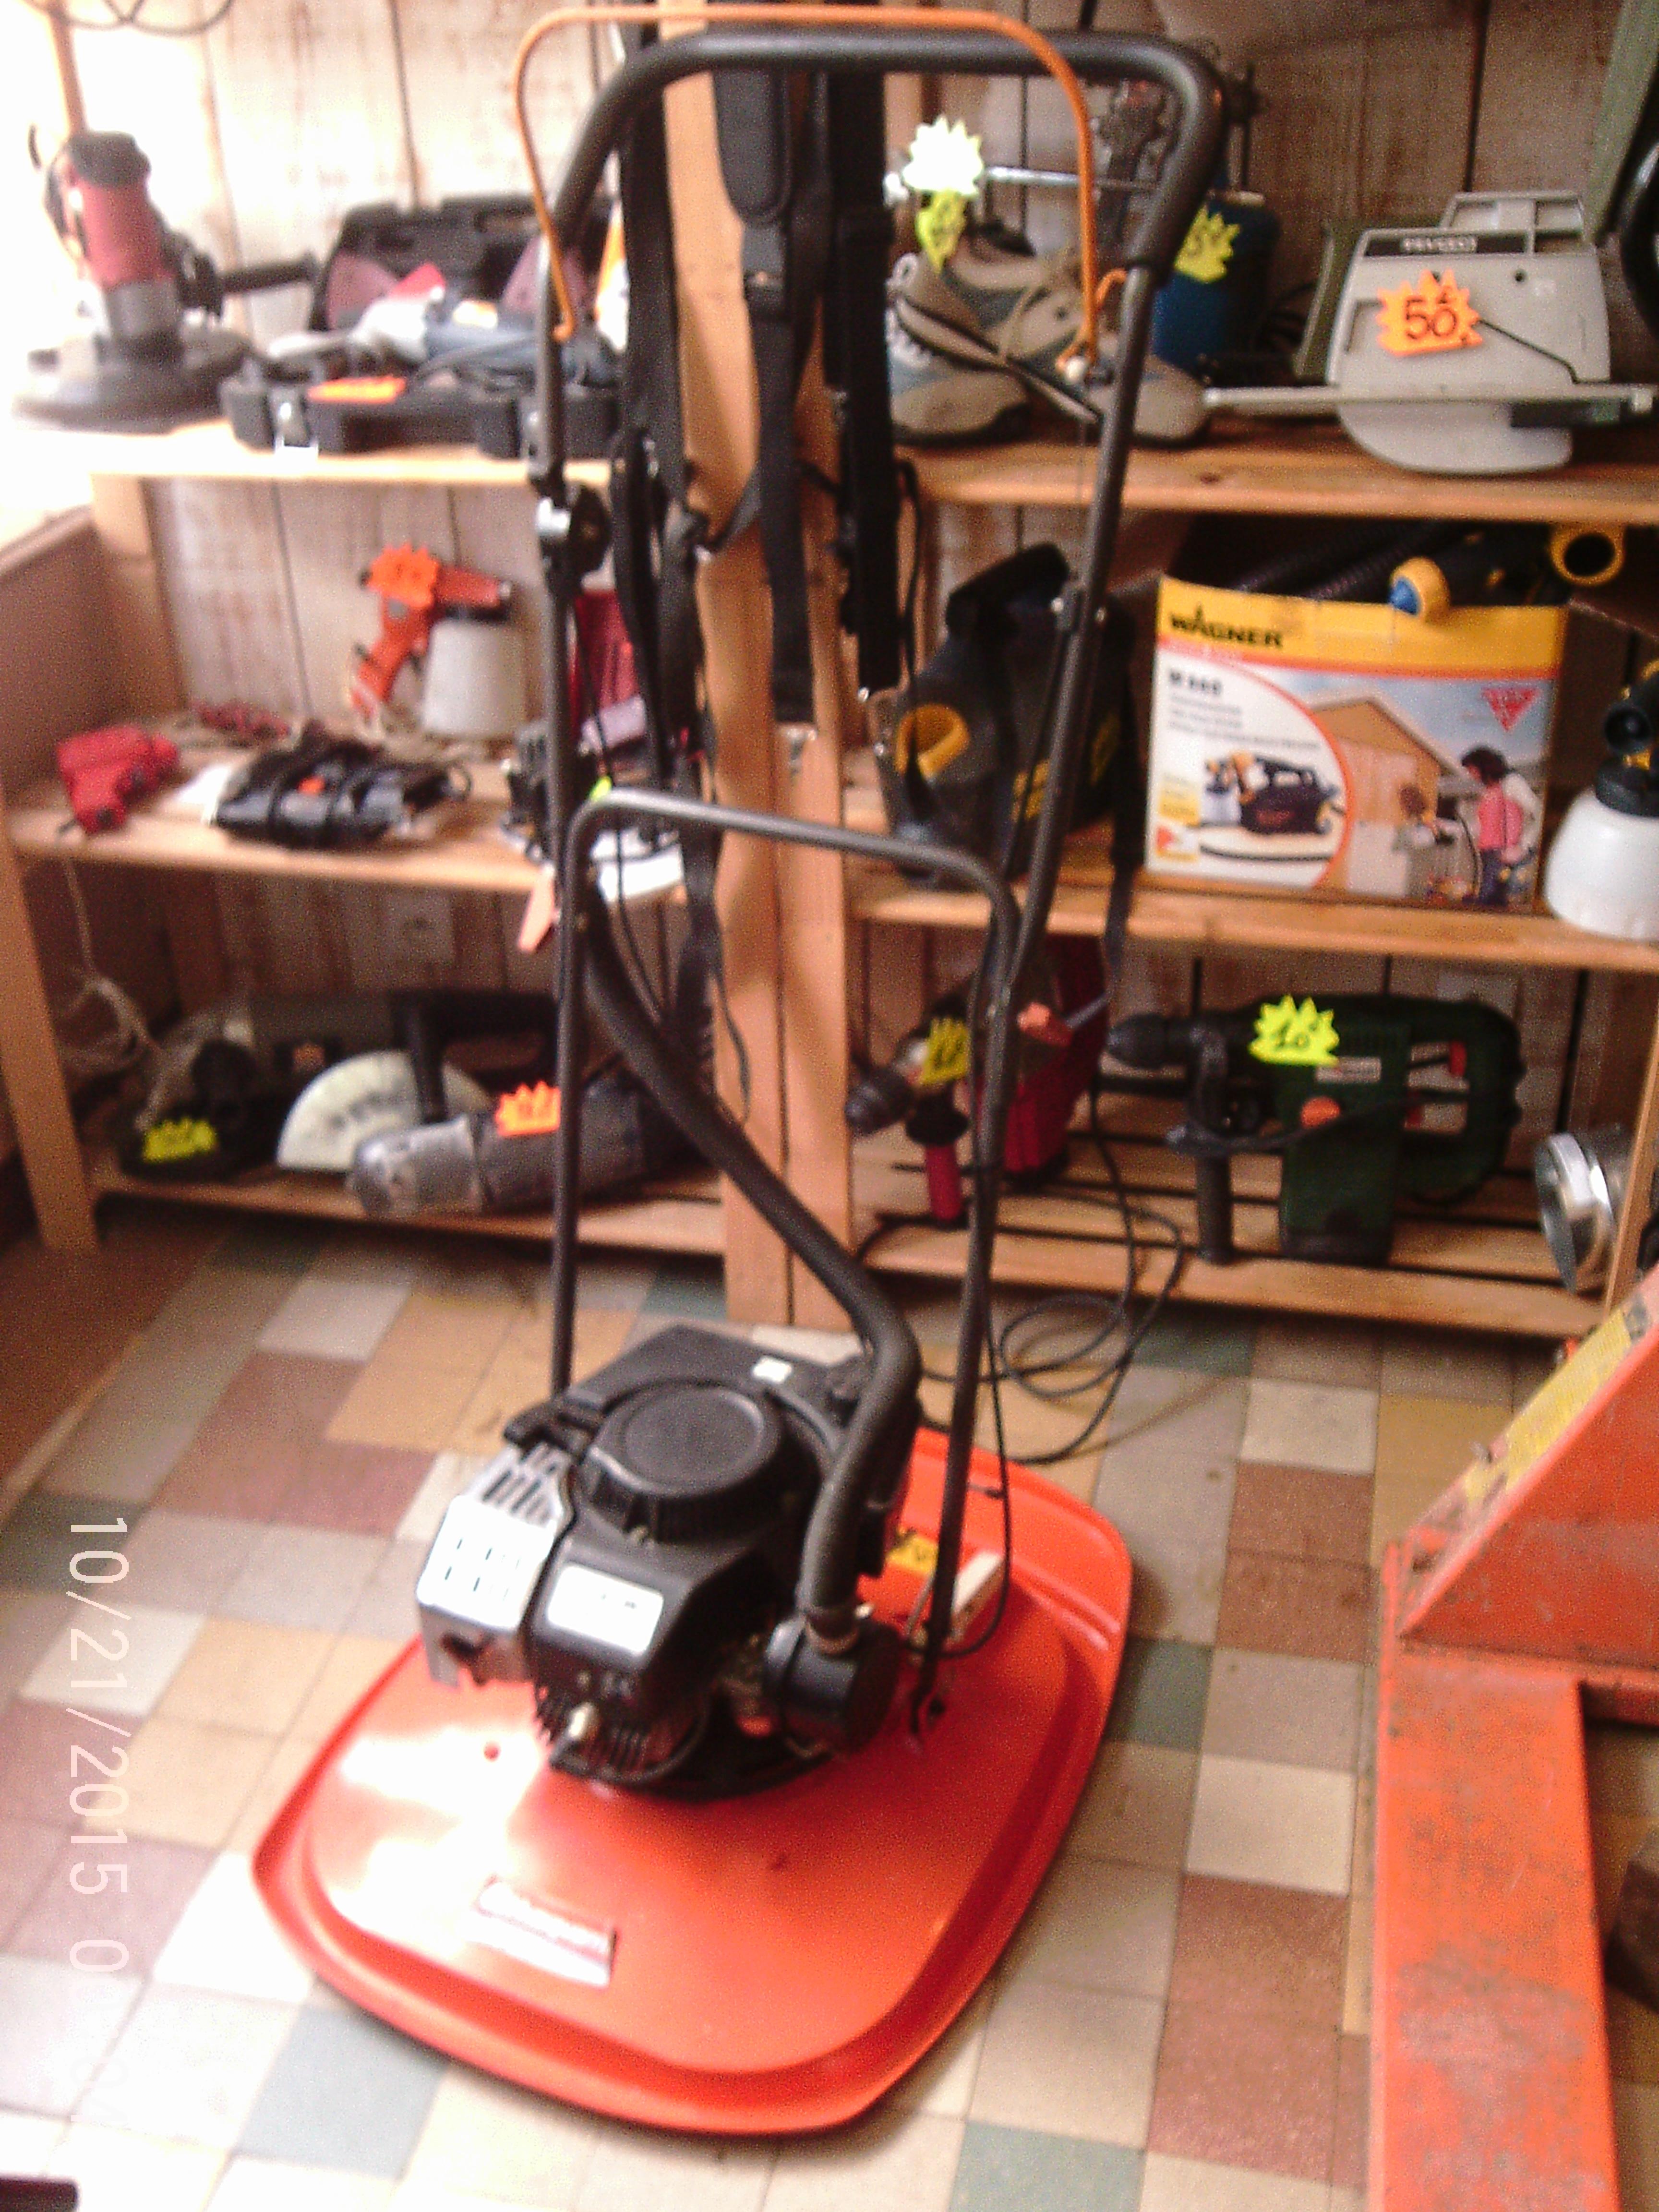 Tondeuse thermique sur coussin d air r nov 39 outils - Tondeuse coussin d air thermique ...